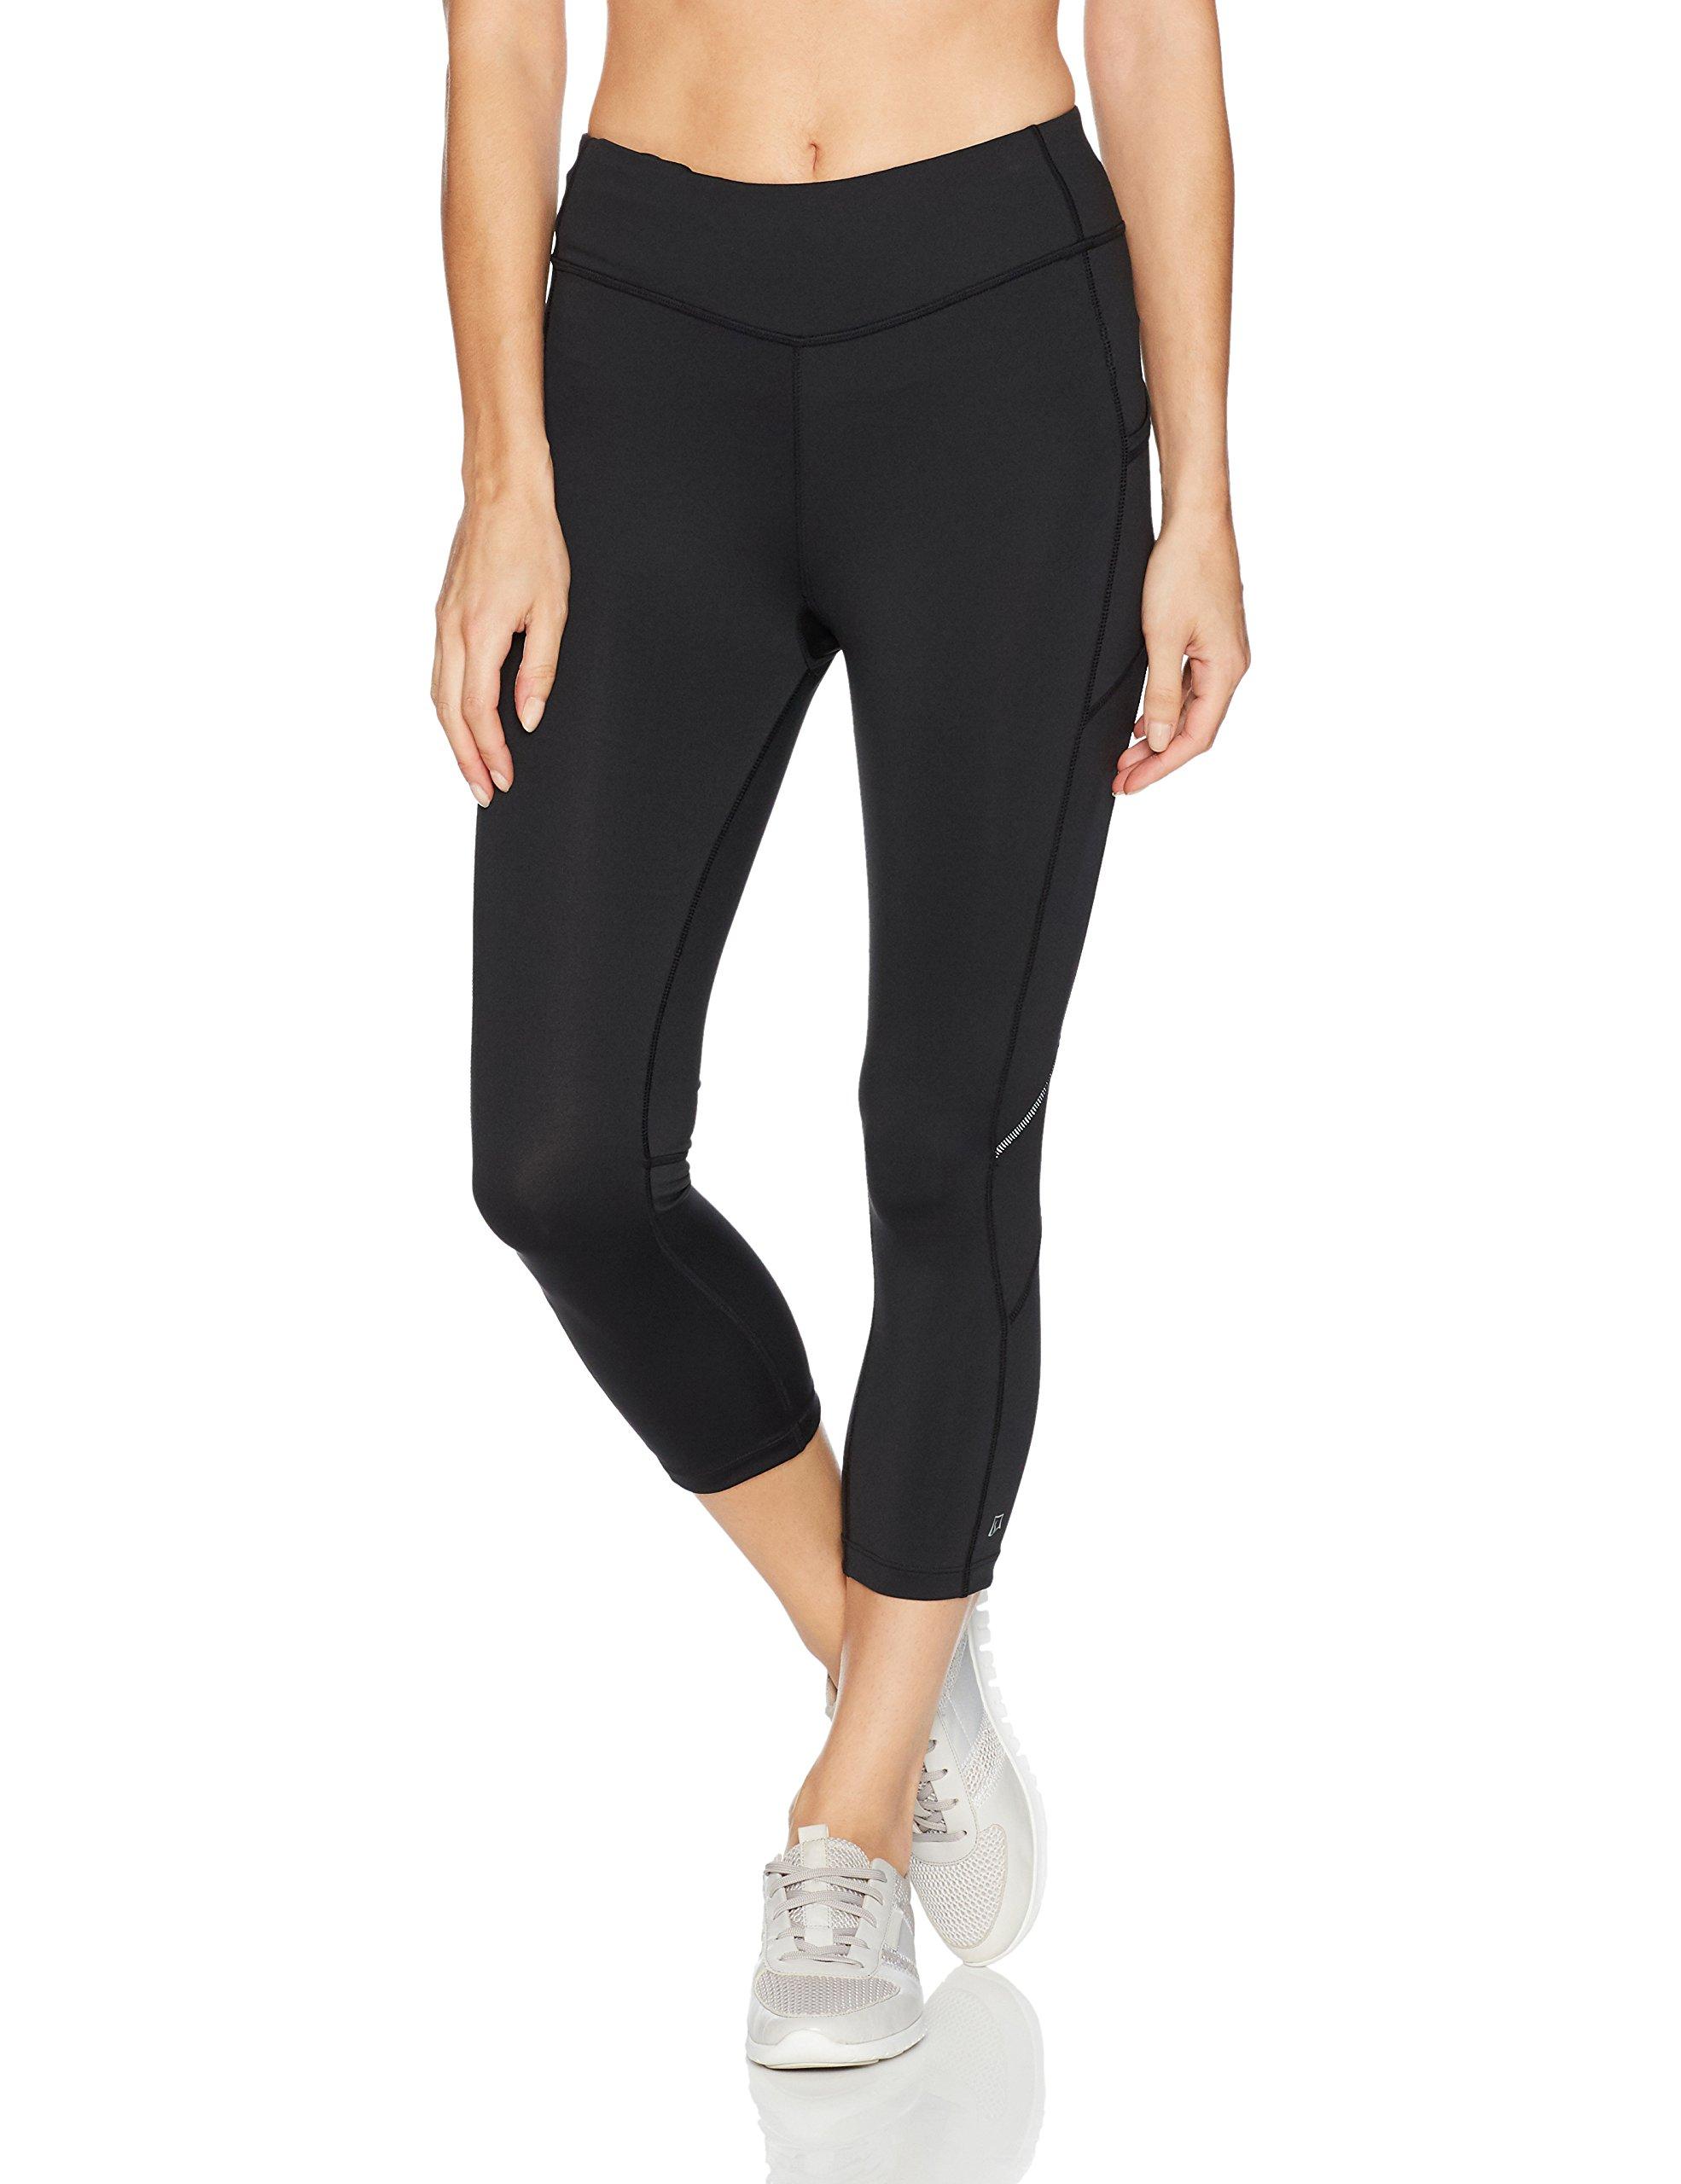 Skirt Sports Women's Pocketopia Capri Pants, Black, X-Large